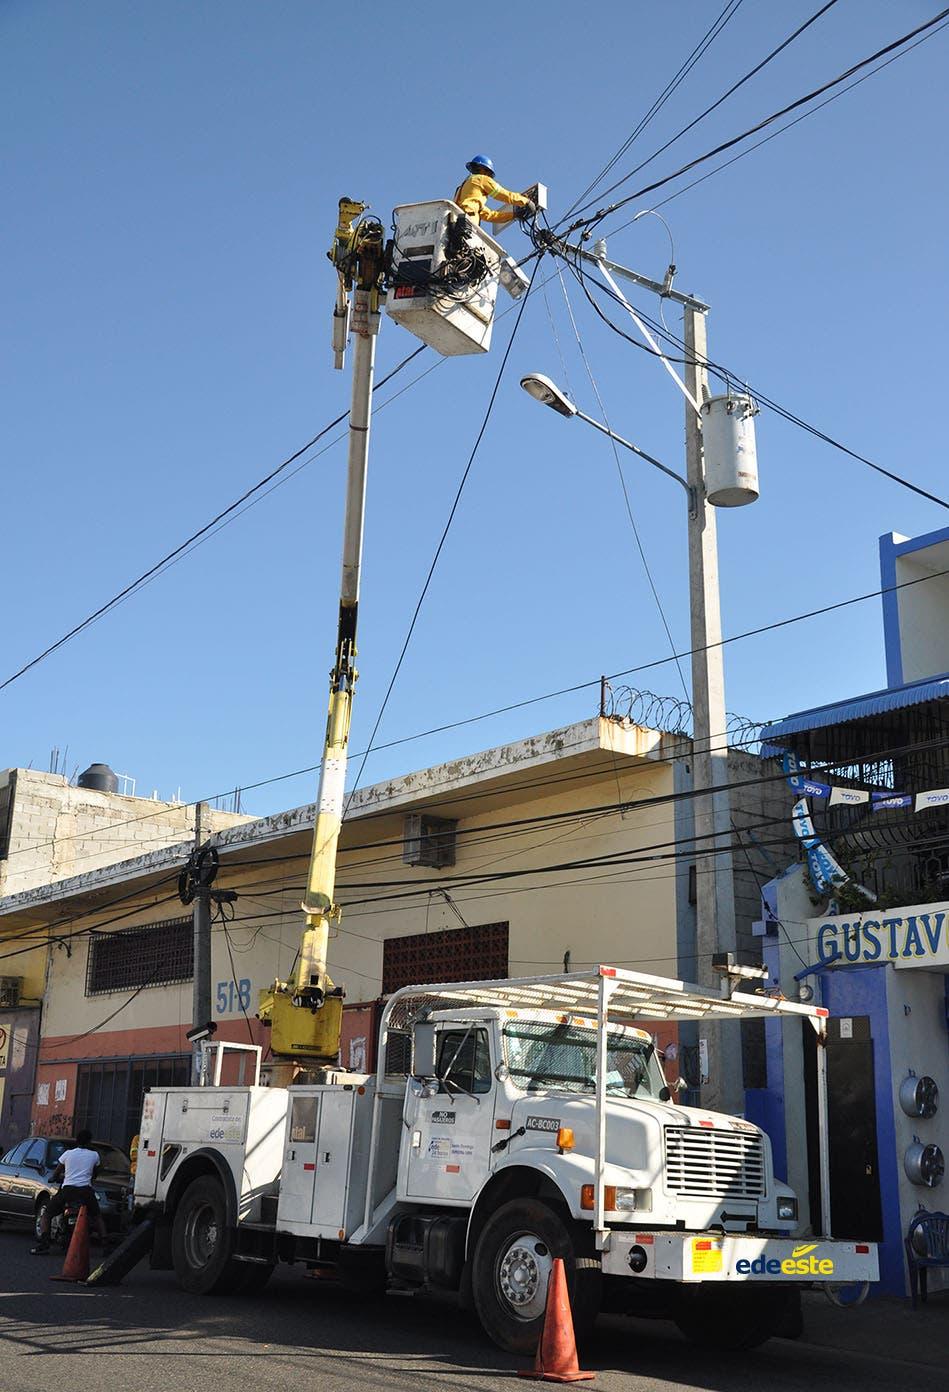 Edeeste interrumpirá servicios en barrios de Santo Domingo y Boca Chica este fin de semana